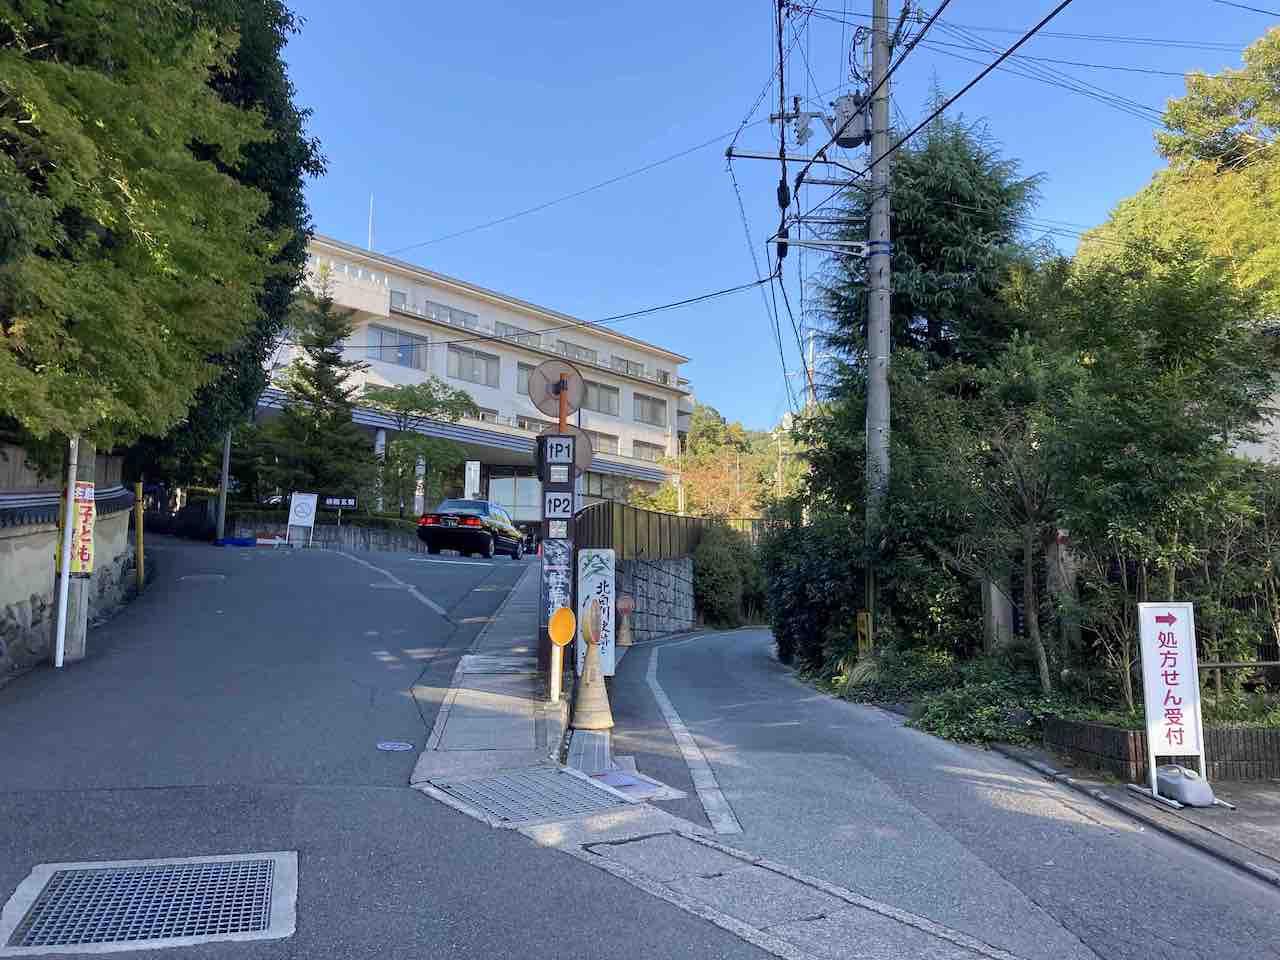 京都一周トレイル 瓜生山エリア